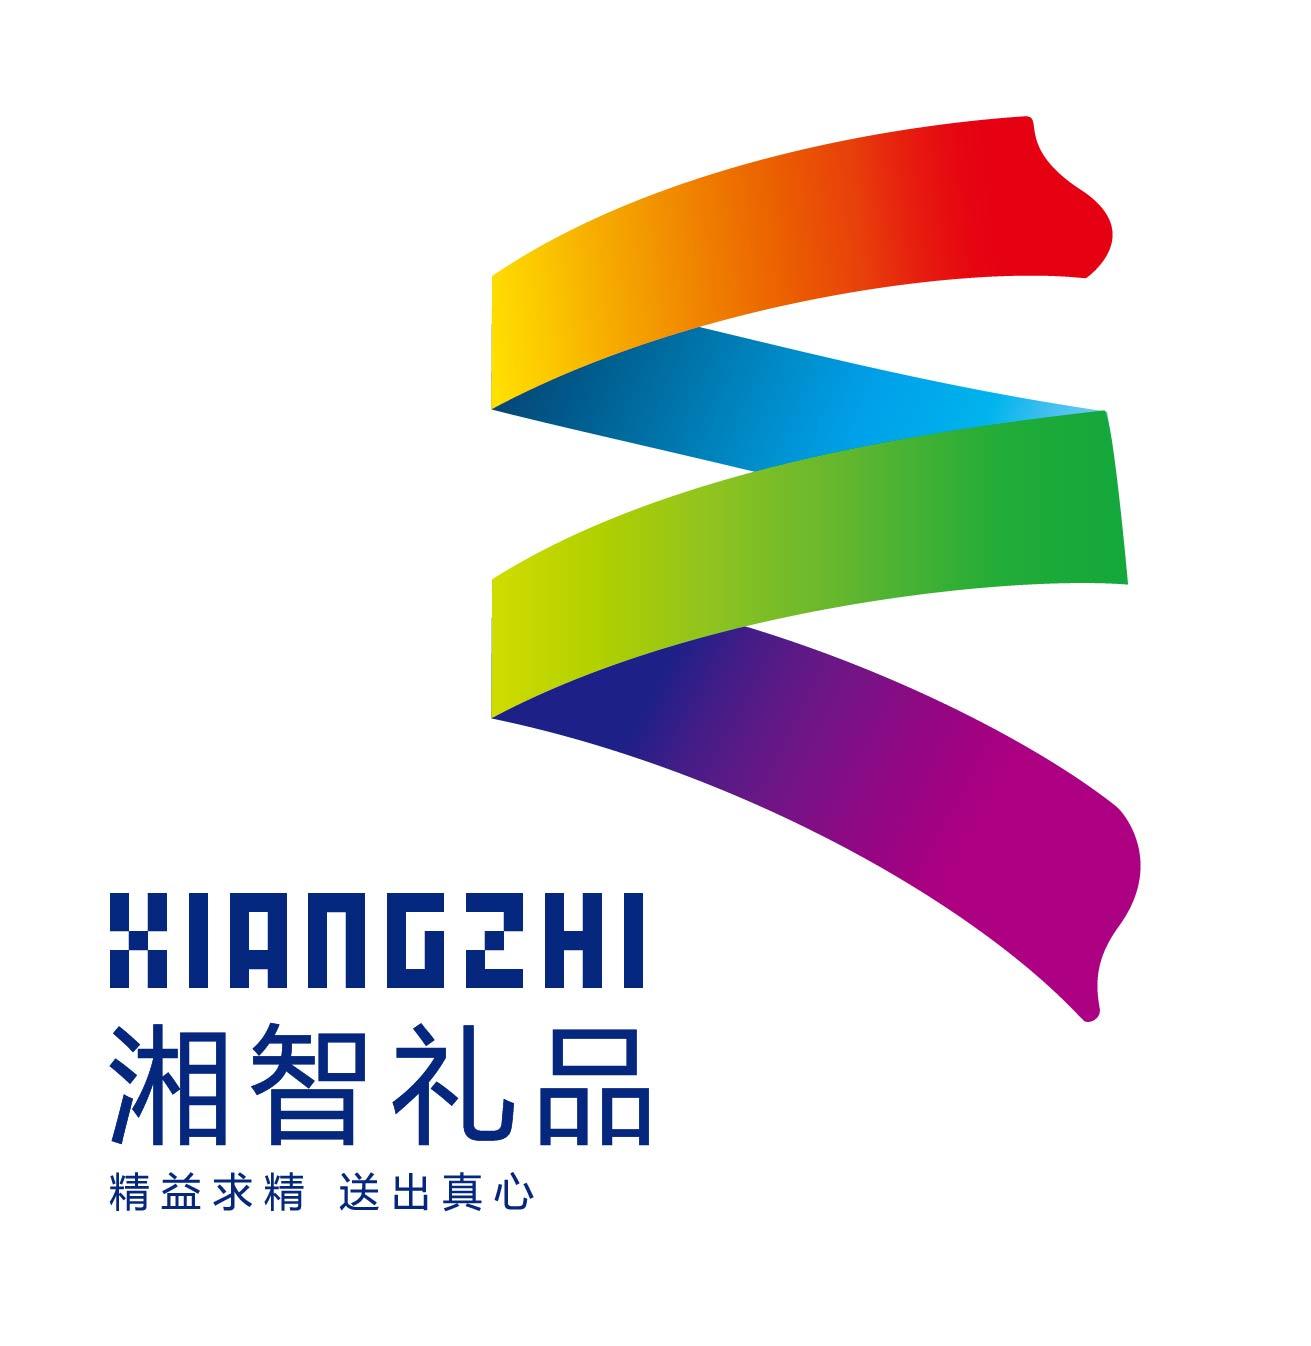 上海湘智禮品有限公司